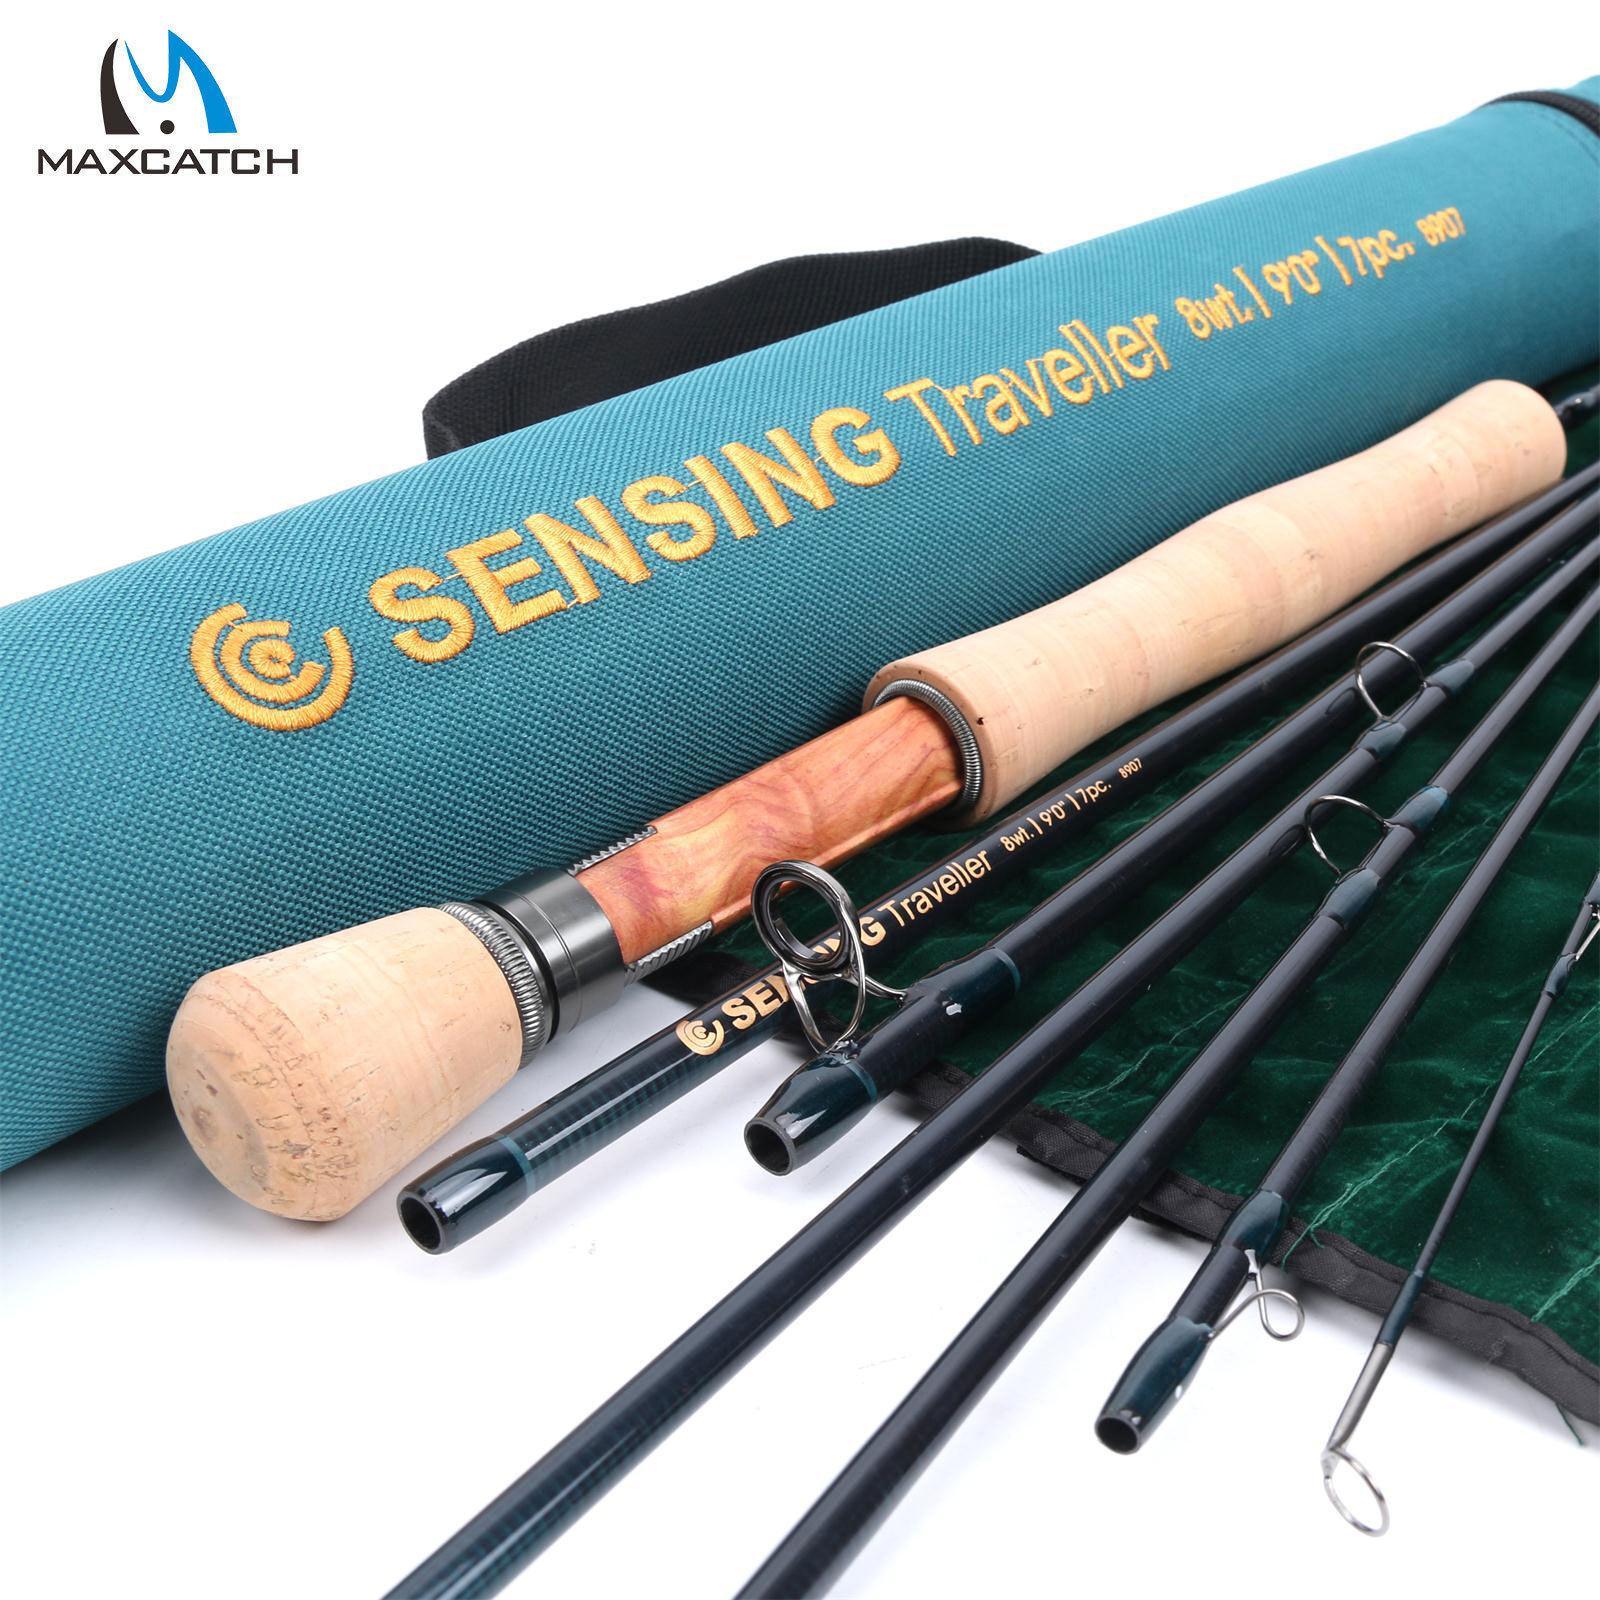 Maxcatch Fly Fishing Rod rilevamento Traveler 5678wt 9ft 7pcs MediumFast & TUBO